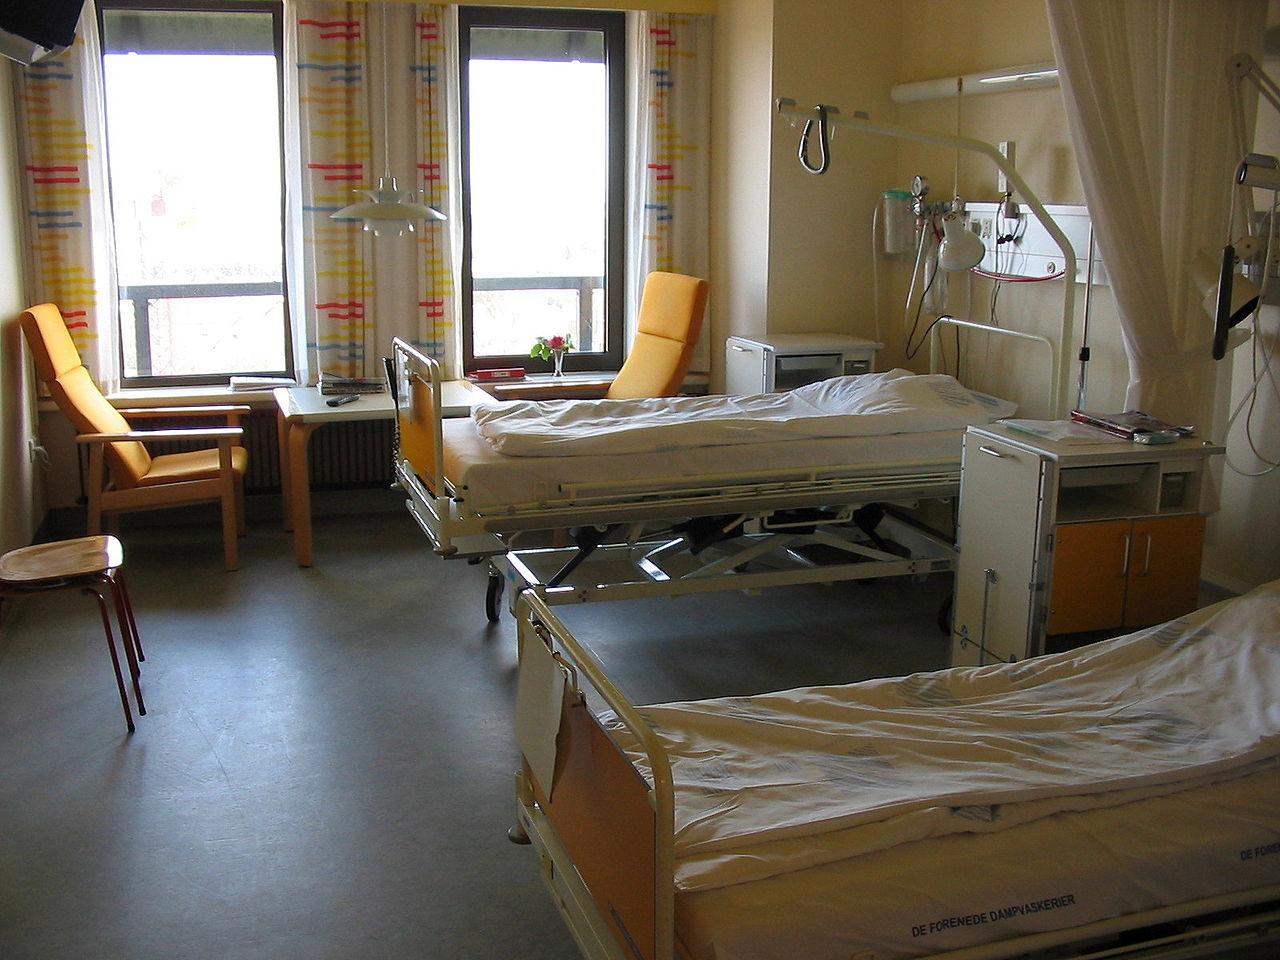 Sjukhus får tillbaka sitt nätverk efter att ha betalat gisslantagaren